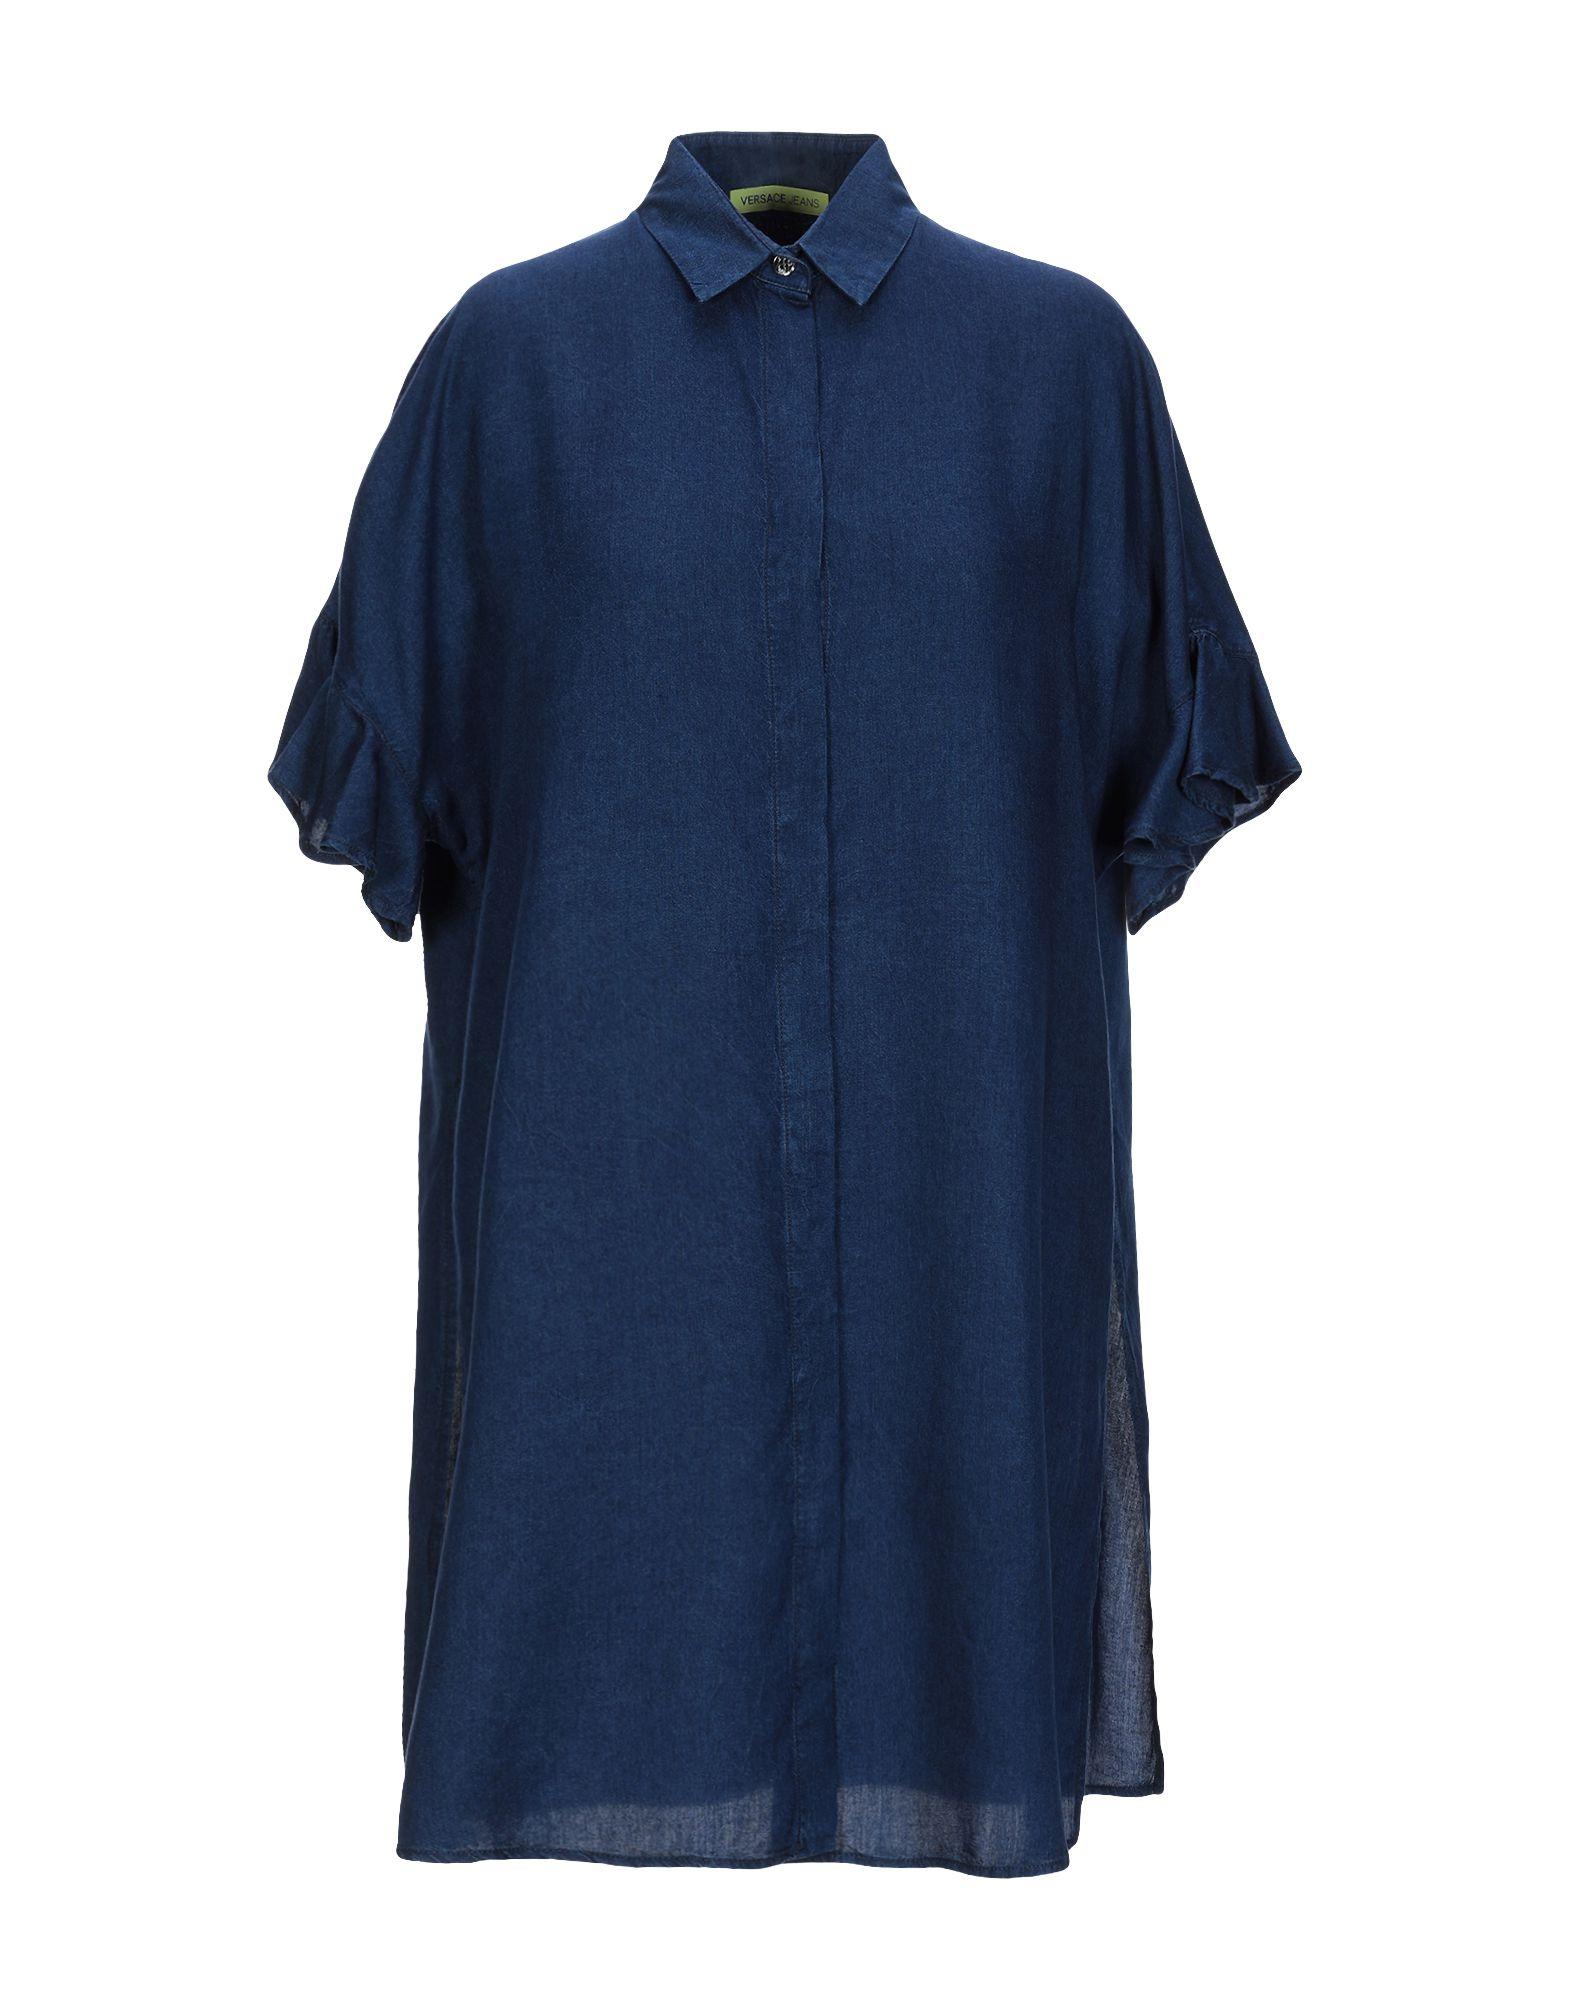 VERSACE JEANS Джинсовая рубашка garcia jeans джинсовая рубашка